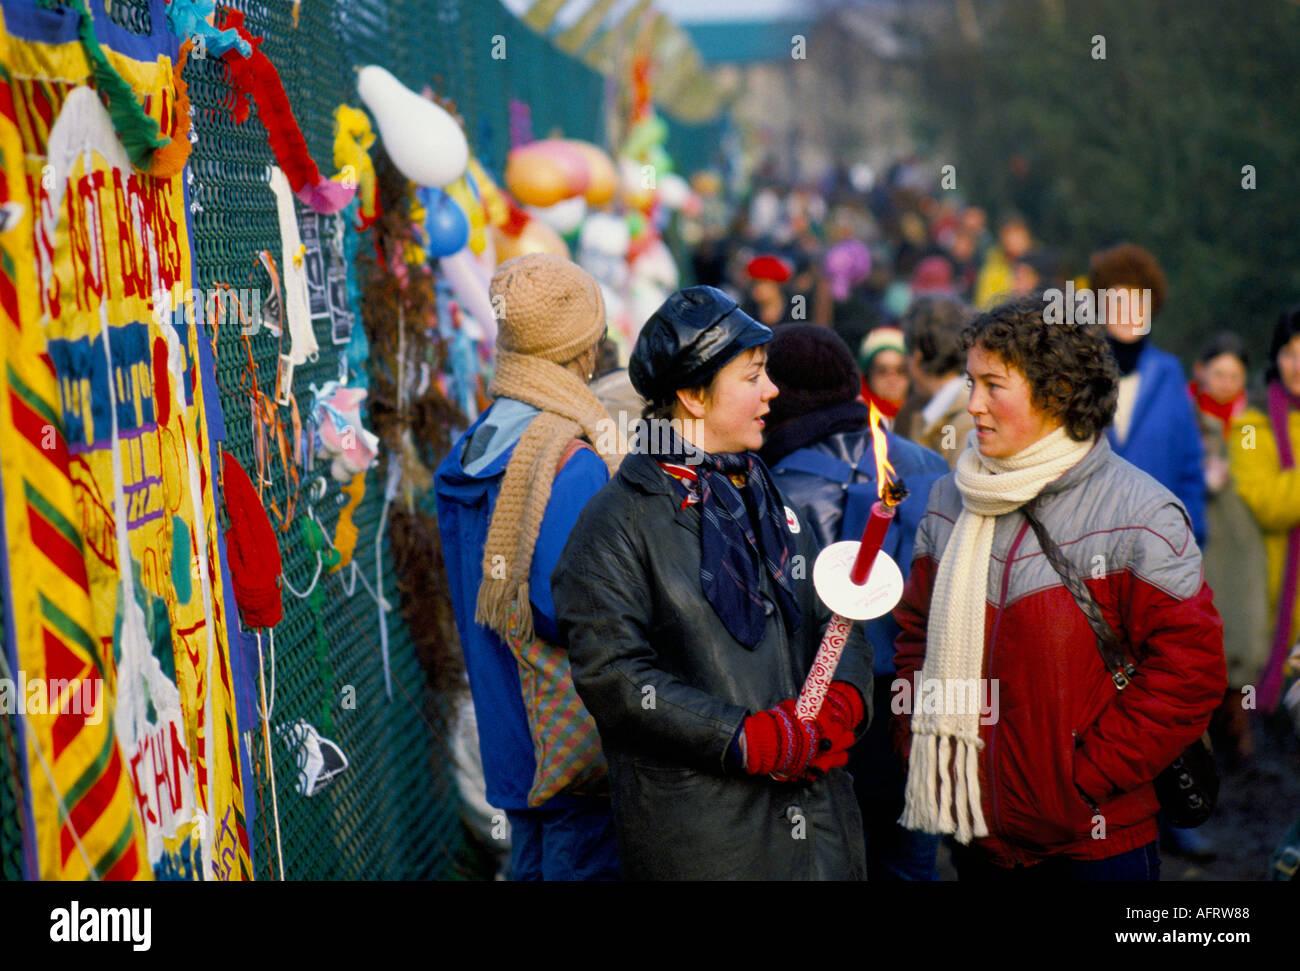 Le donne la pace manifestanti recinzioni perimetrali, Greenham Common Berkshire in Inghilterra. 1982 o 1983 HOMER SYKES Immagini Stock